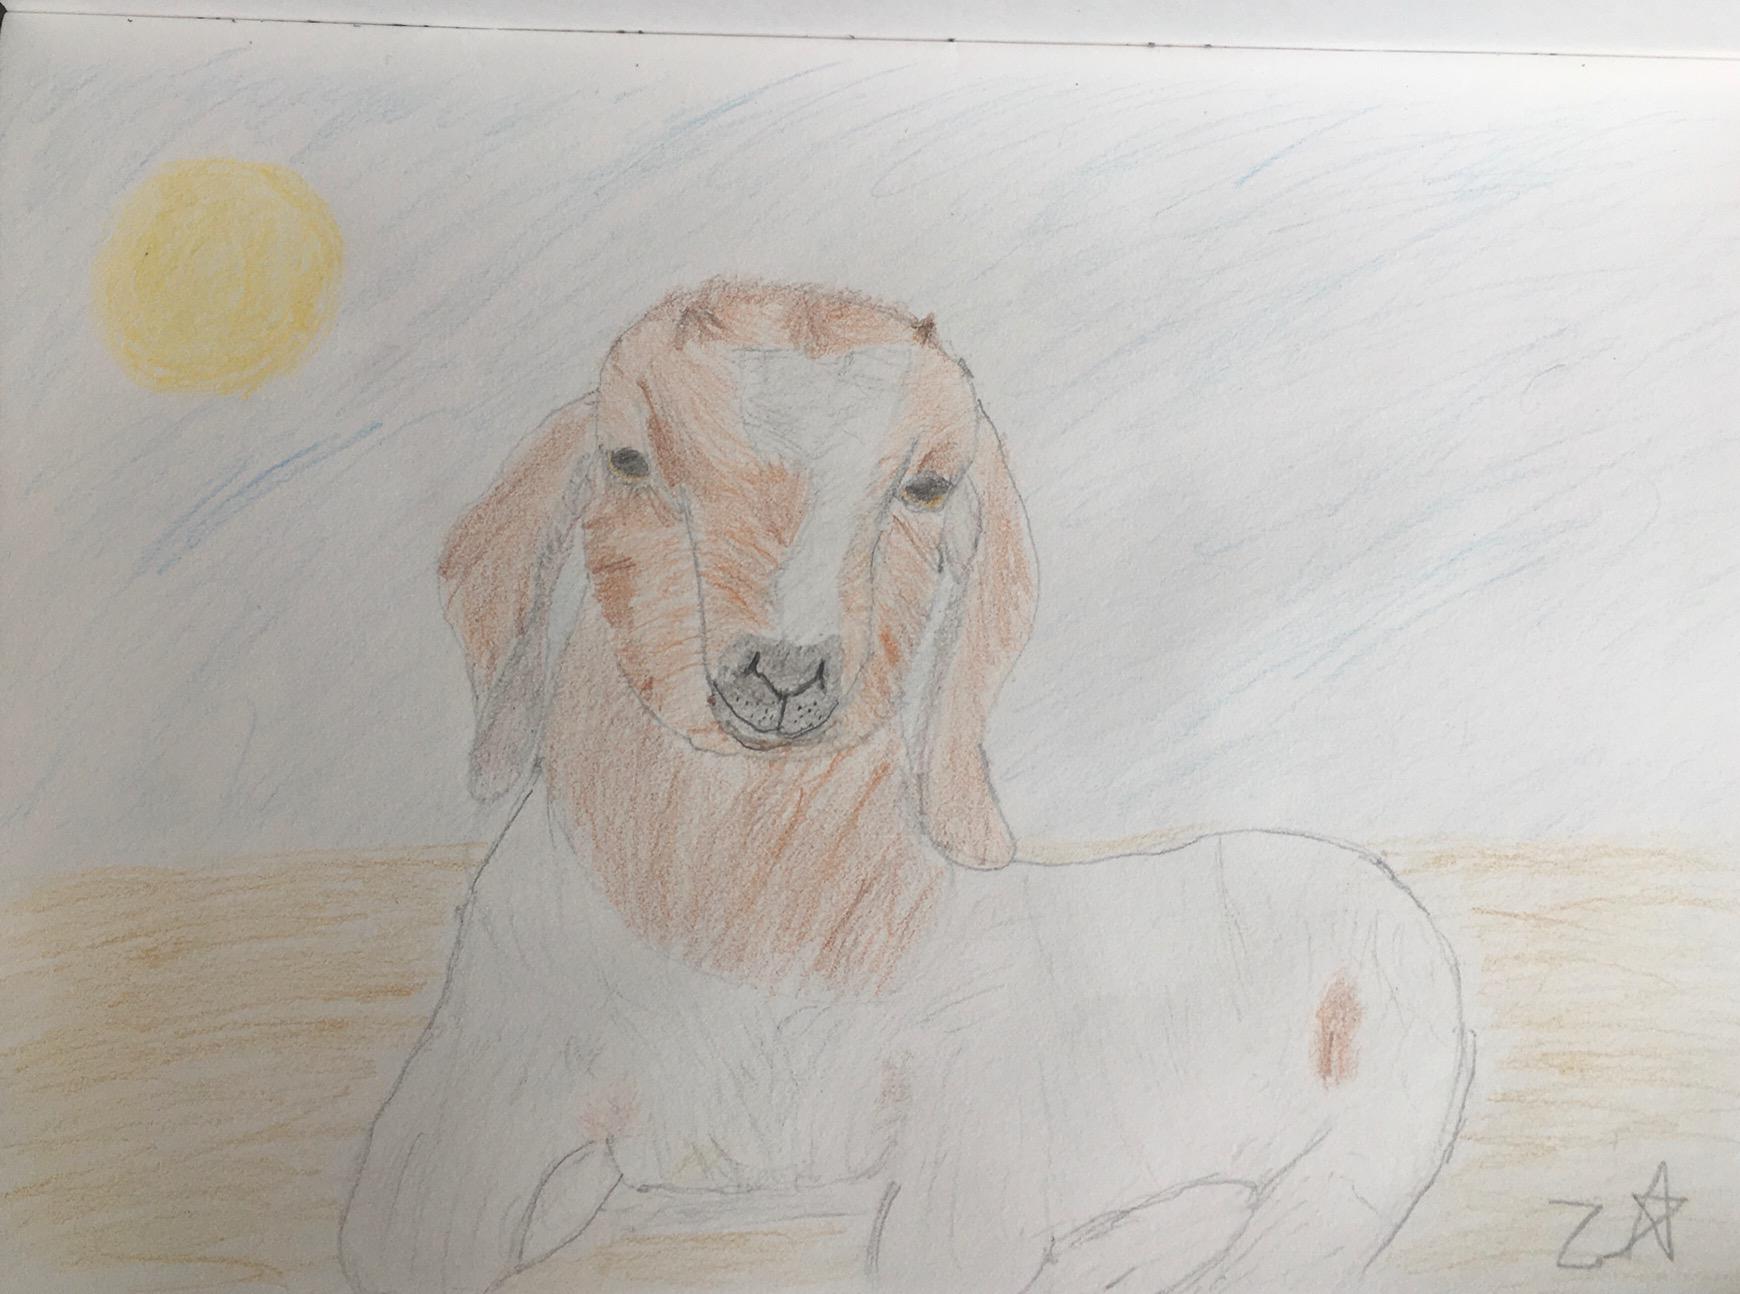 Zaraphina Hawkins, Age 11